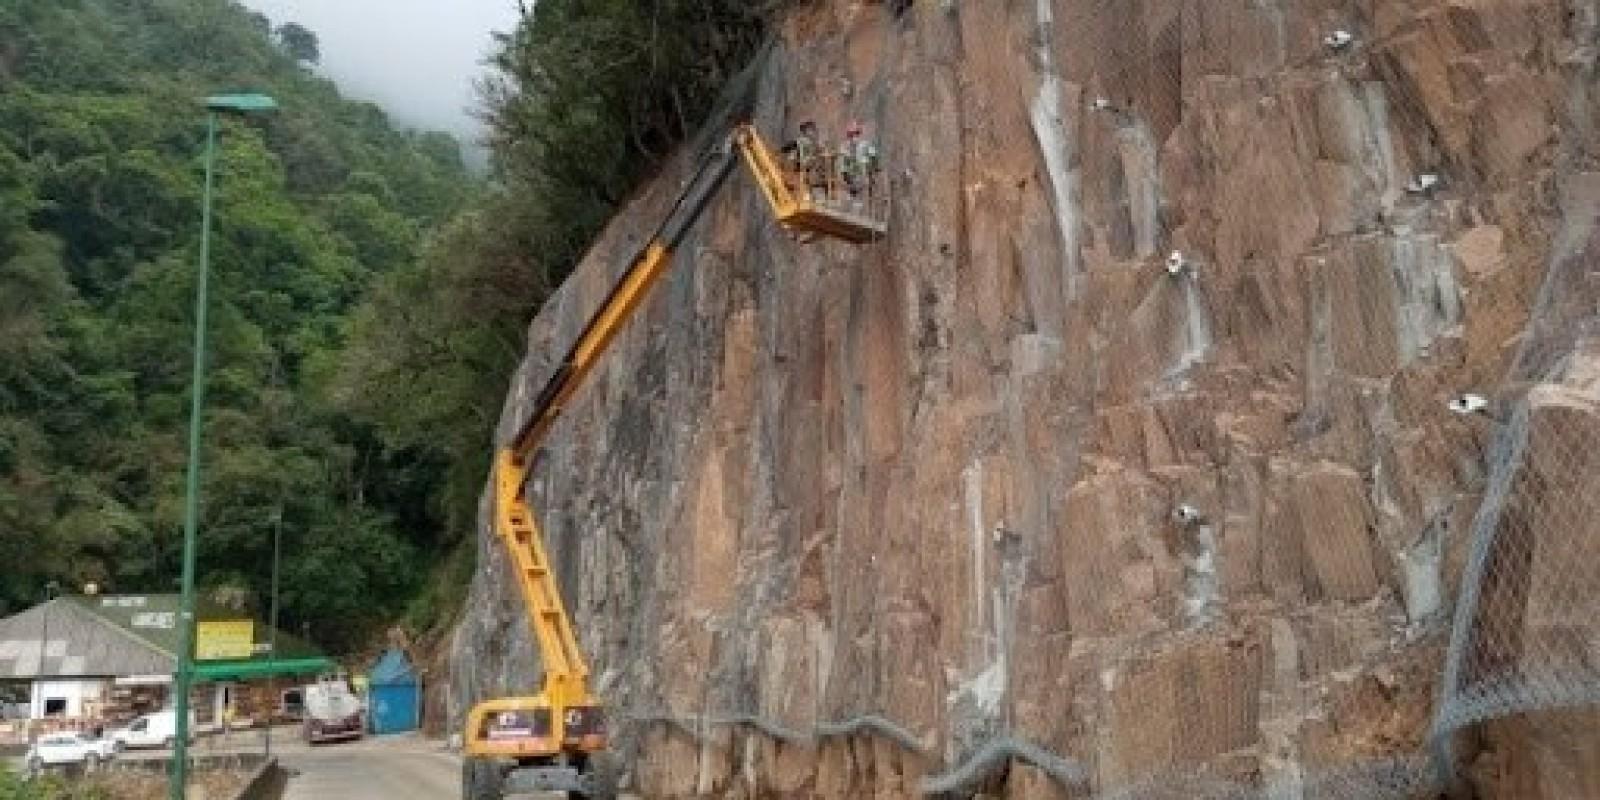 Trabalhador de obras na Serra do Rio do Rastro morre após cair de plataforma elevatória